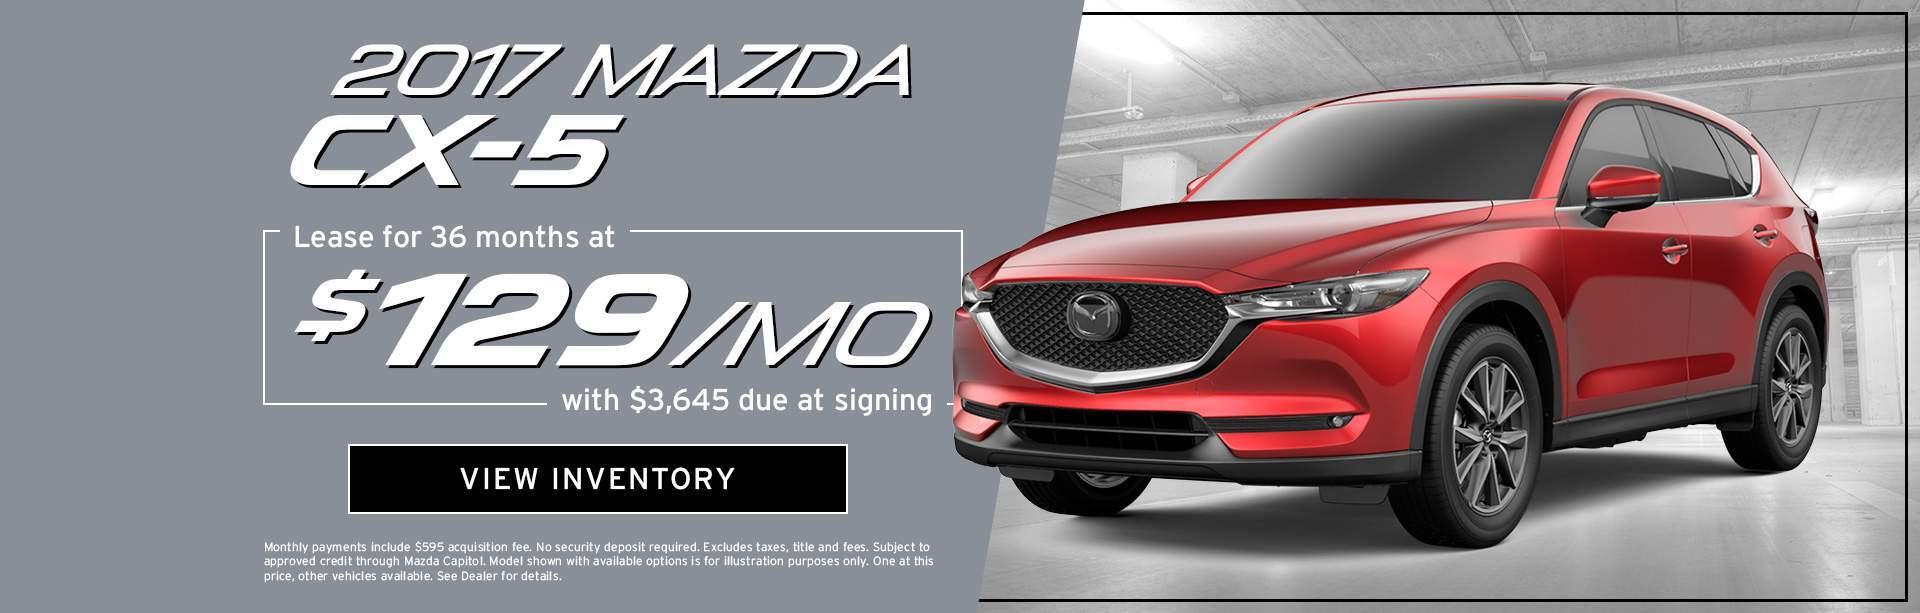 Mazda Dealers In Ohio – Car Image Ideas